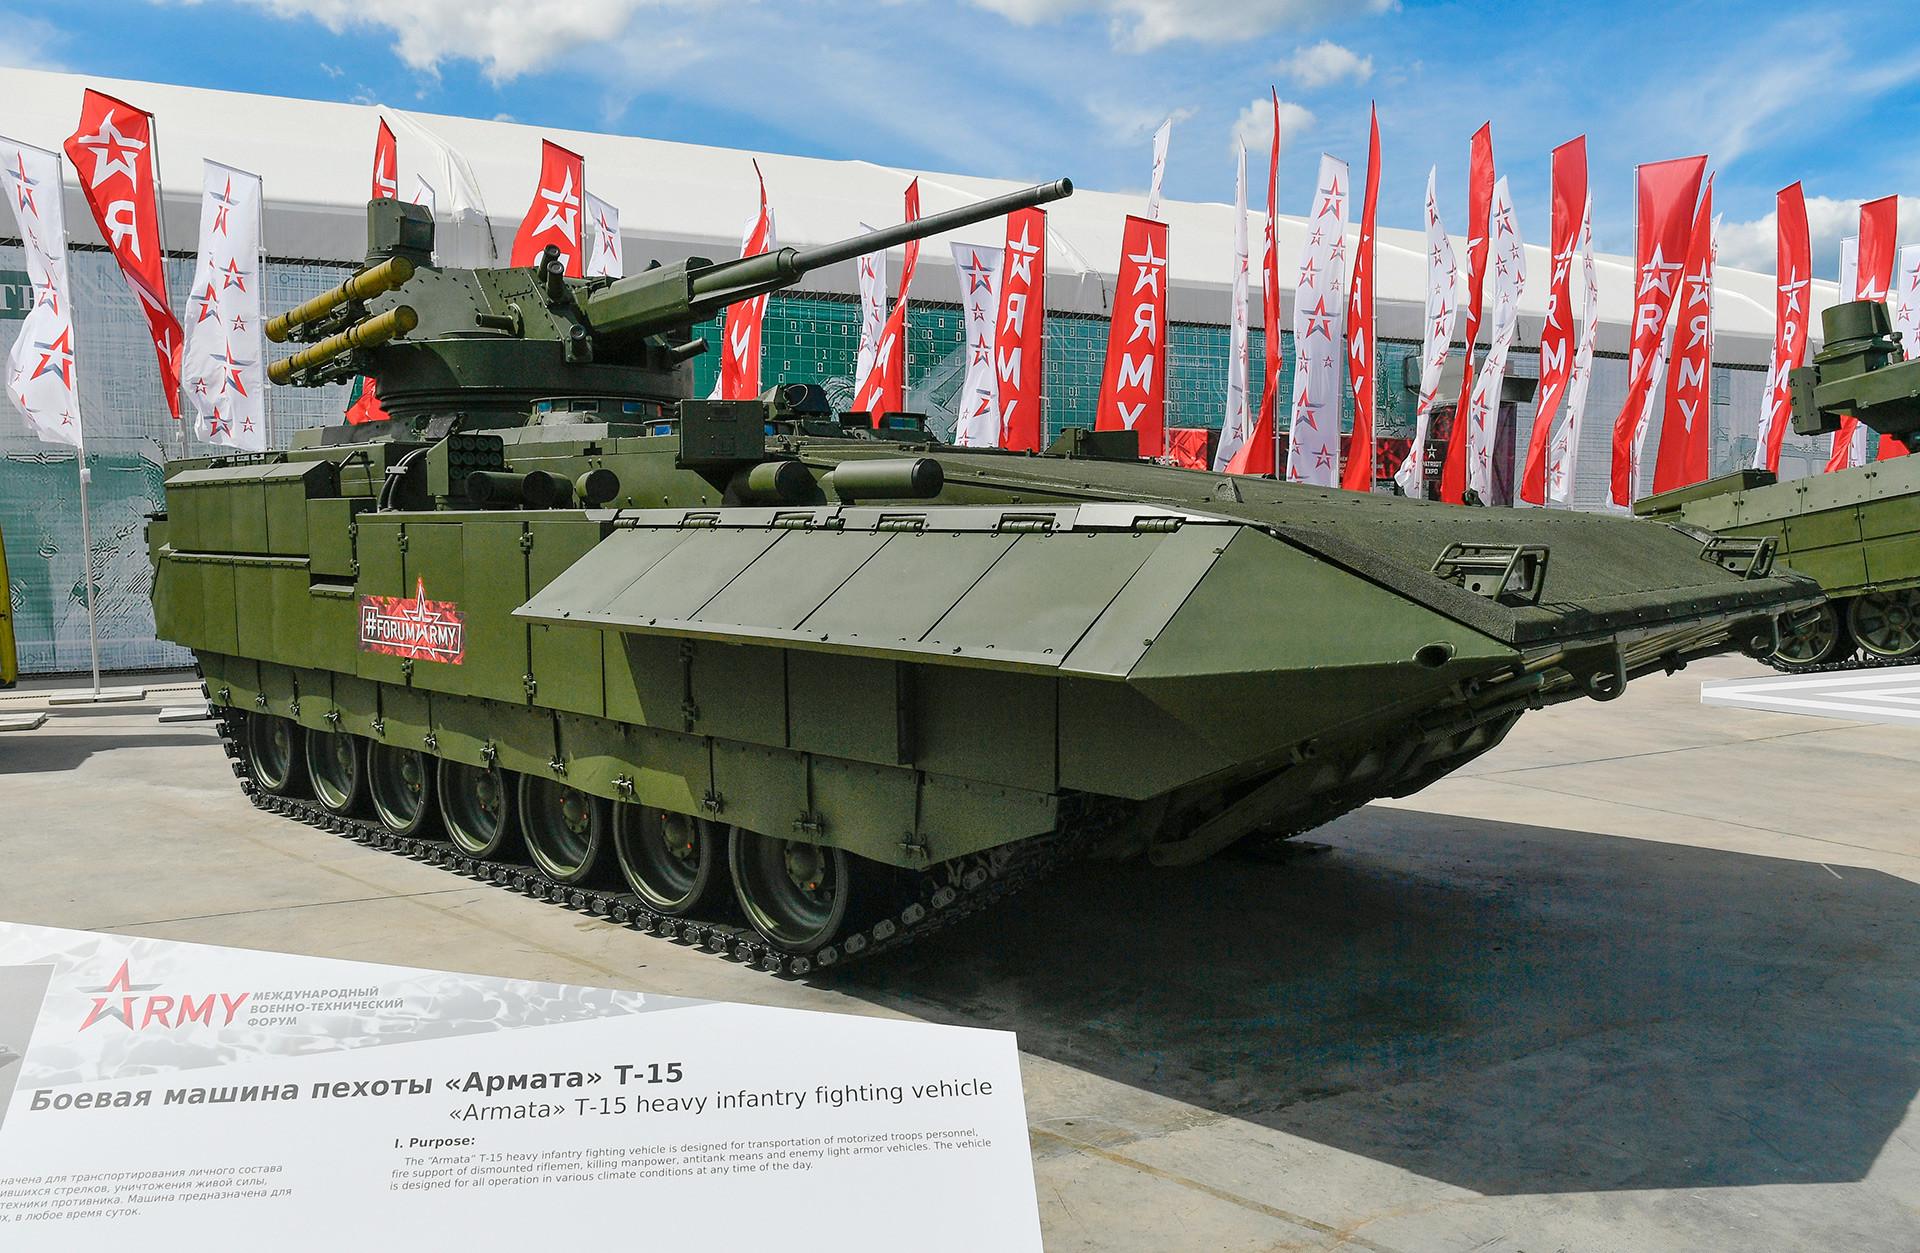 Veículo de combate blindado russo baseado na plataforma universal Armata T-15 com o módulo de combate AU-220M